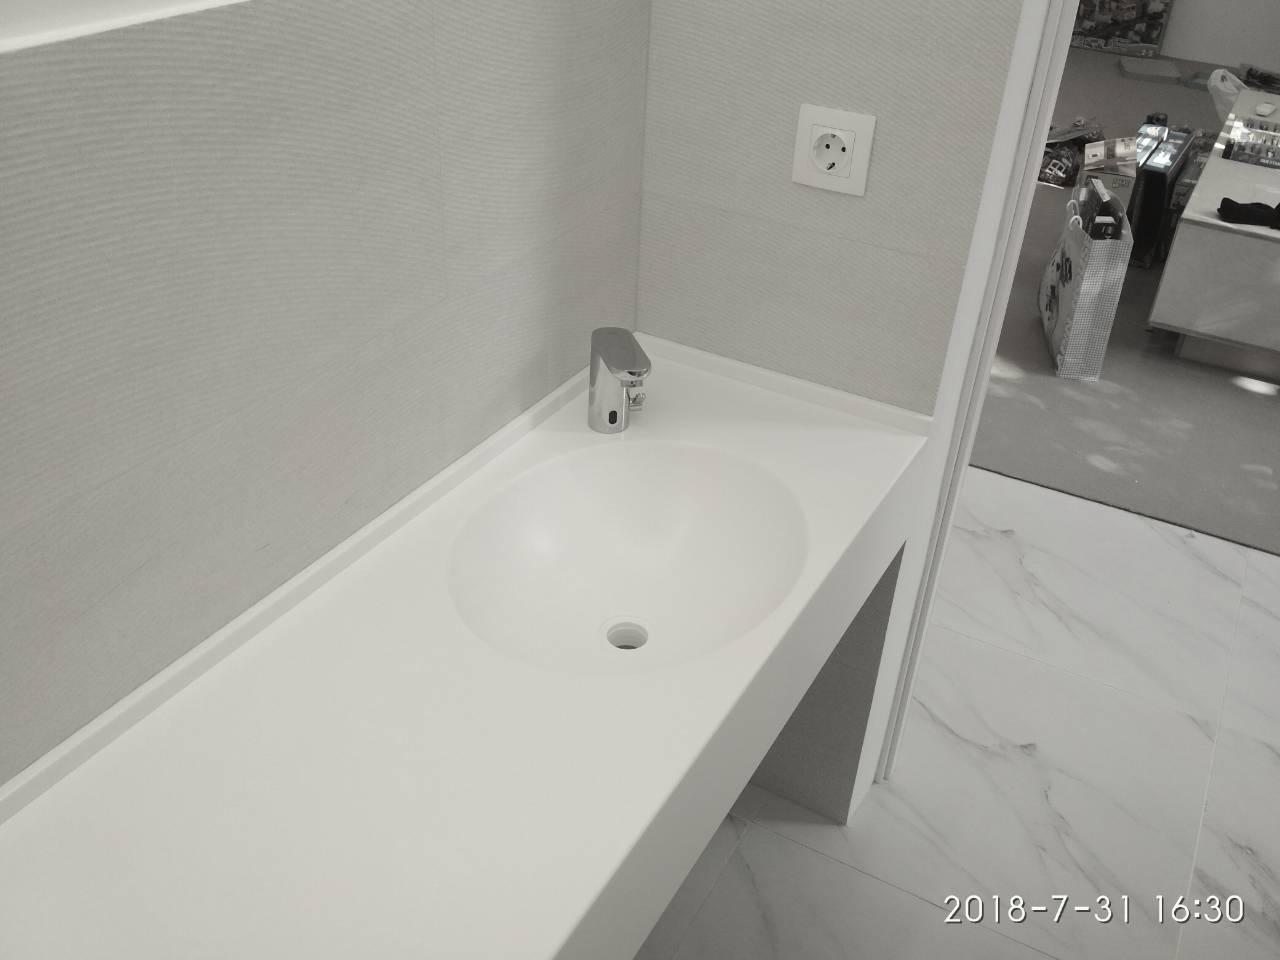 Столешница в ванную с мойками из акрила LG S034